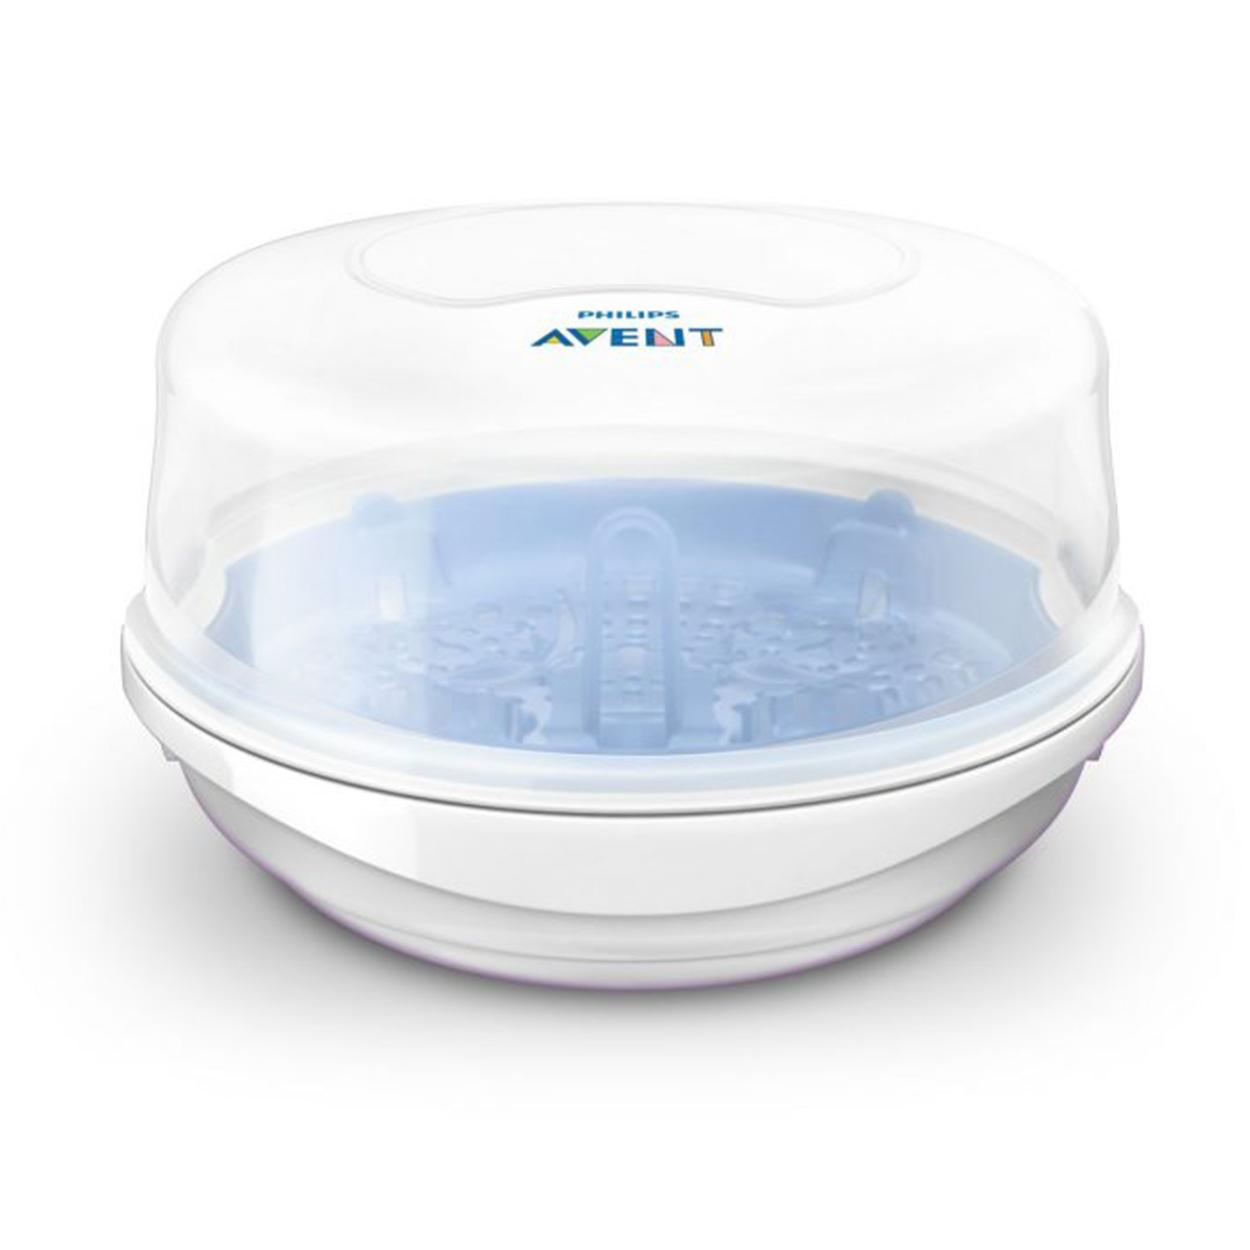 Pirkite Philips Avent Mikrobangų krosnelės garų sterilizatorių SCF281/02 elektroninėje | Philips parduotuvėje